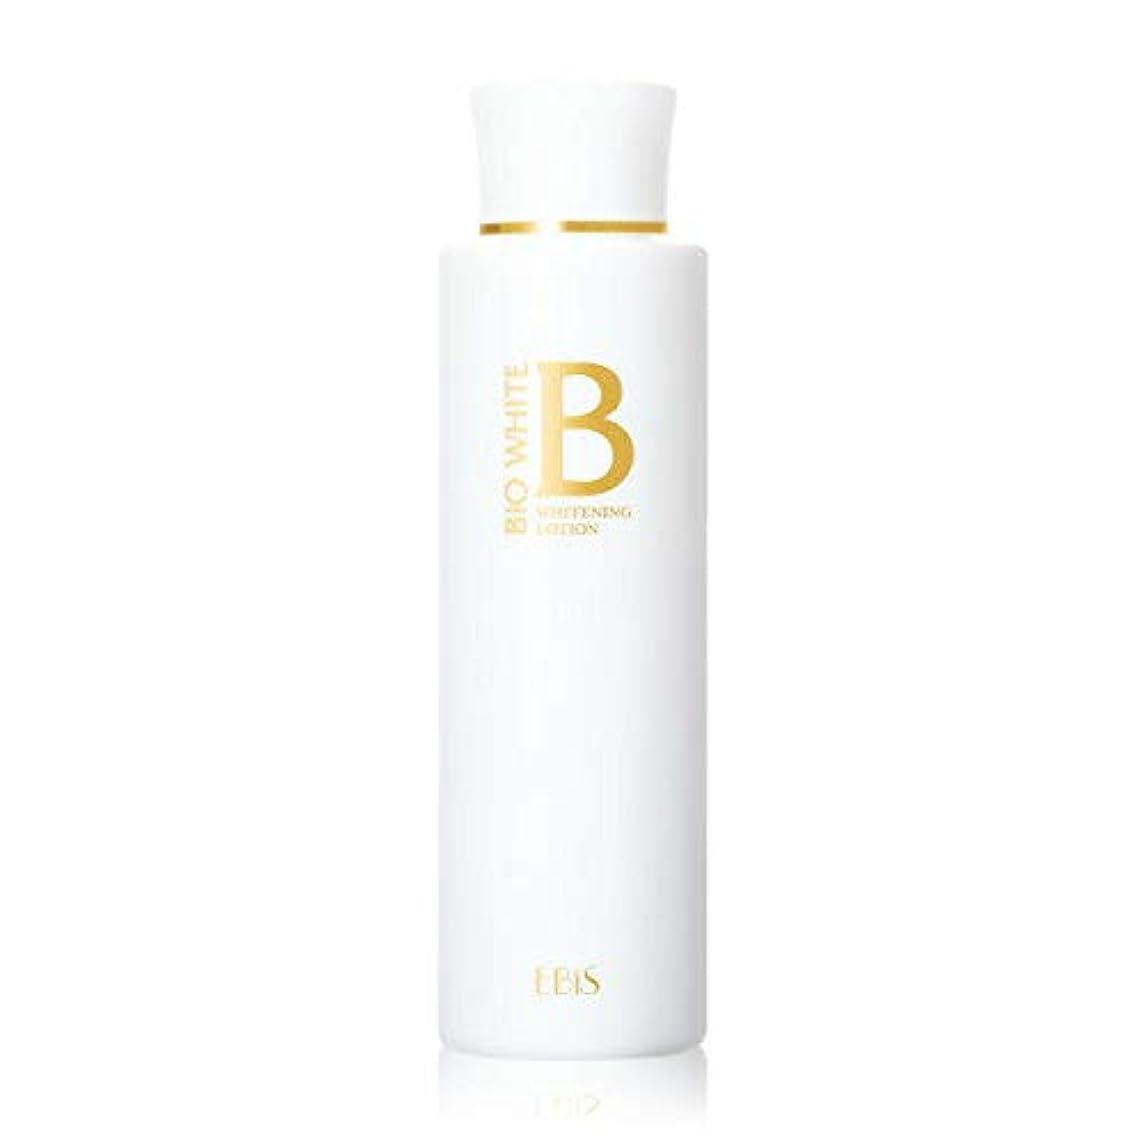 送った雪だるま割り当てるエビス化粧品(EBiS) エビス ビーホワイトローション 150ml 美白化粧水 トラネキサム酸 配合 医薬部外品